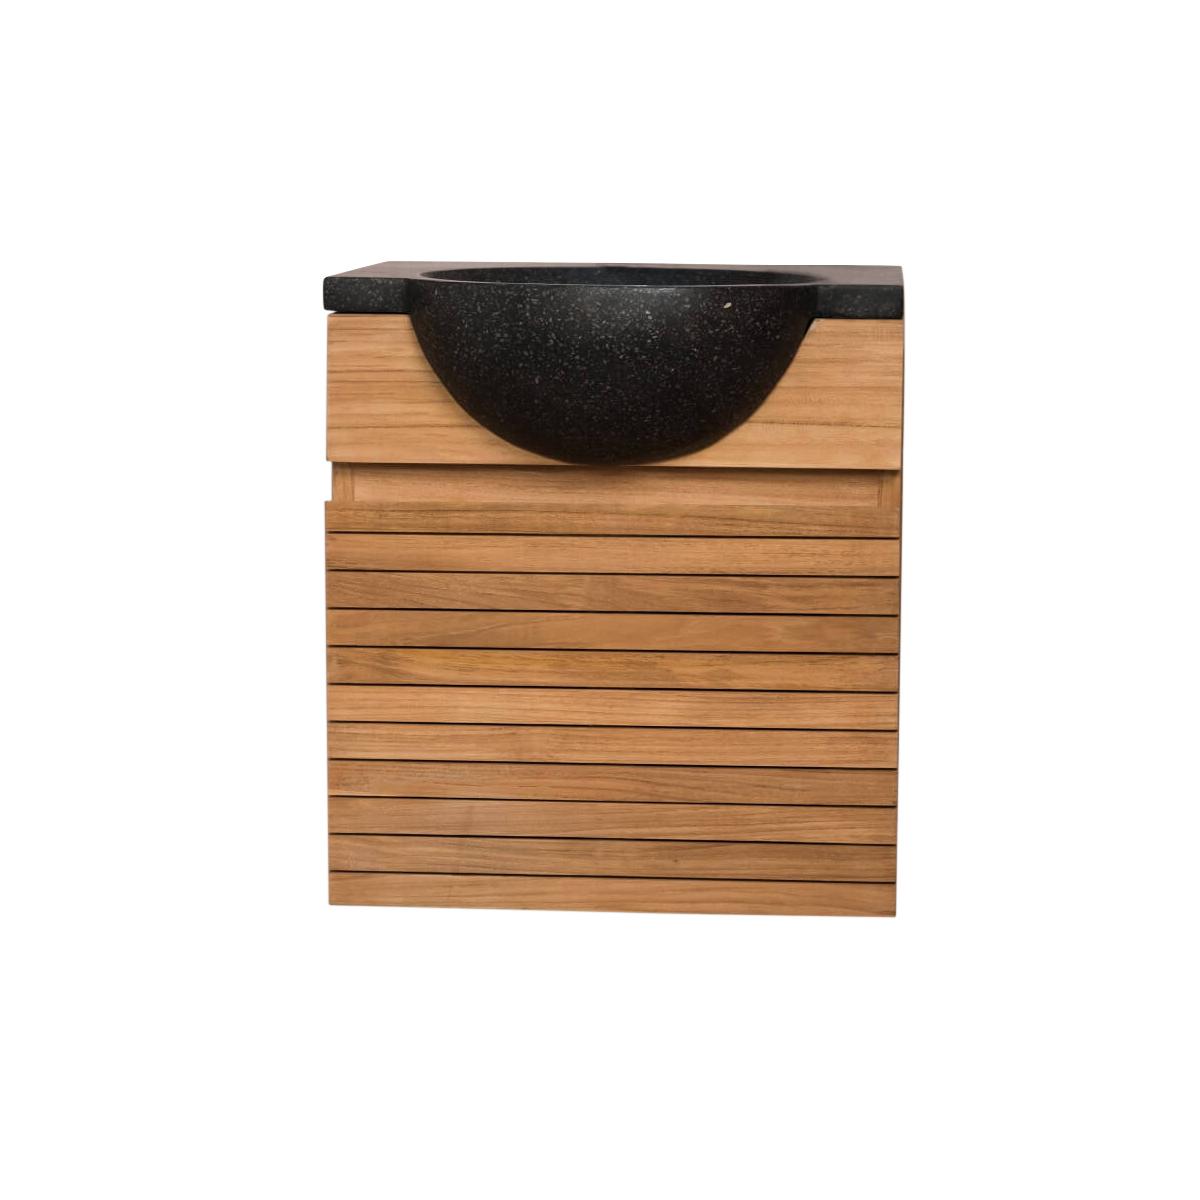 Meuble de salle de bain en teck et vasque noir L50cm